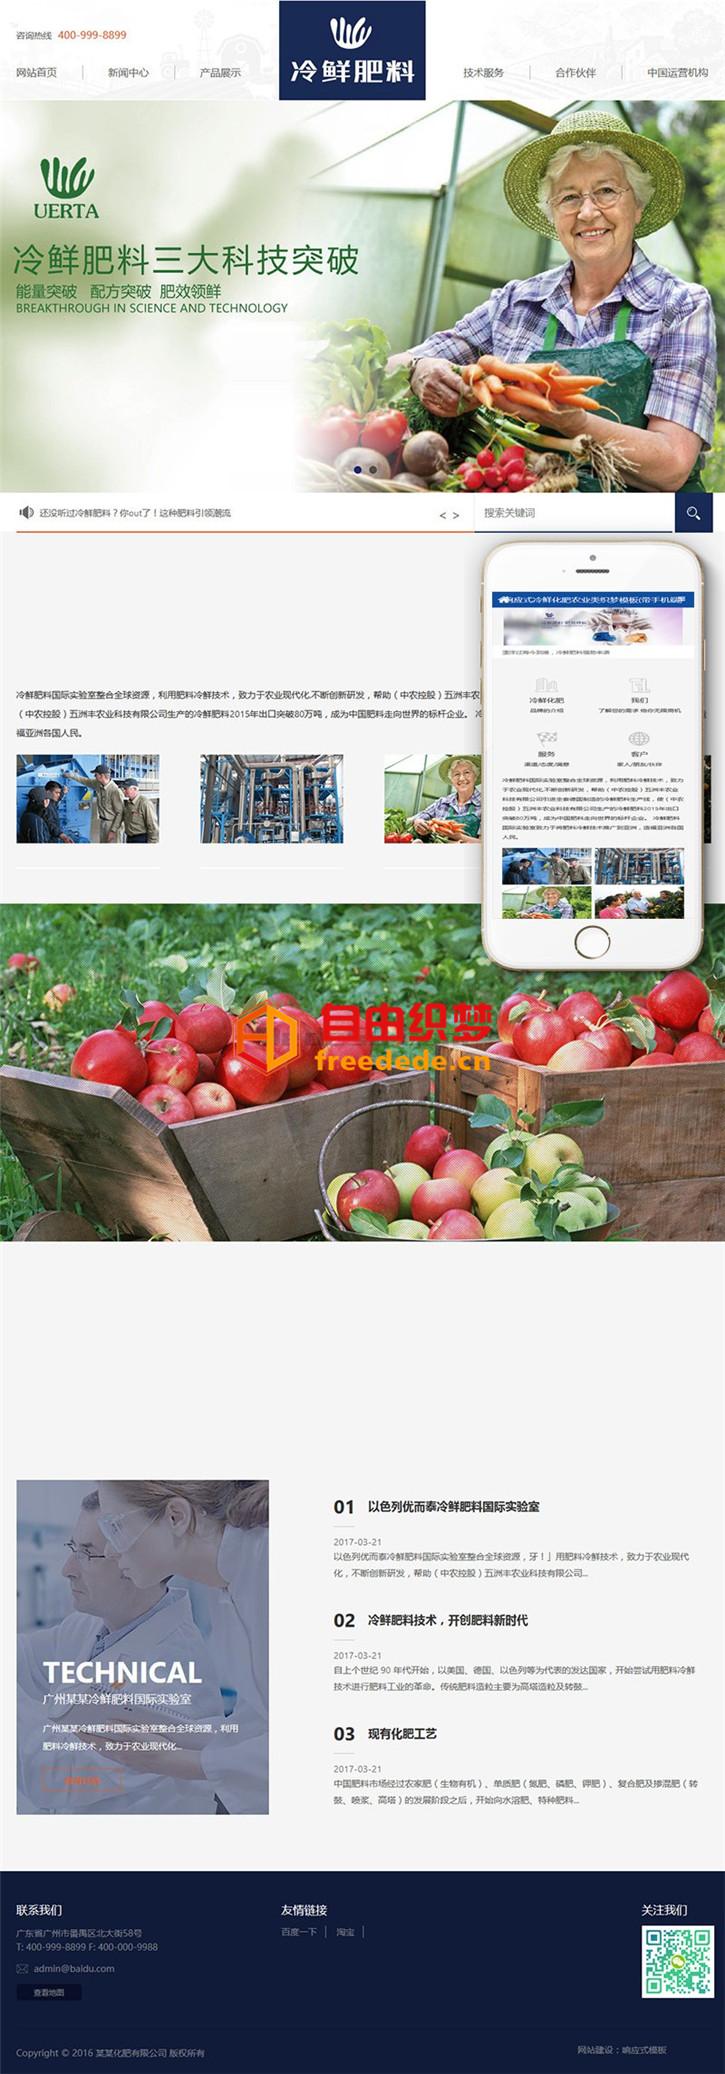 爱上源码网文章dedecms网站源码响应式冷鲜化肥农业类织梦模板(自适应手机端)的内容插图